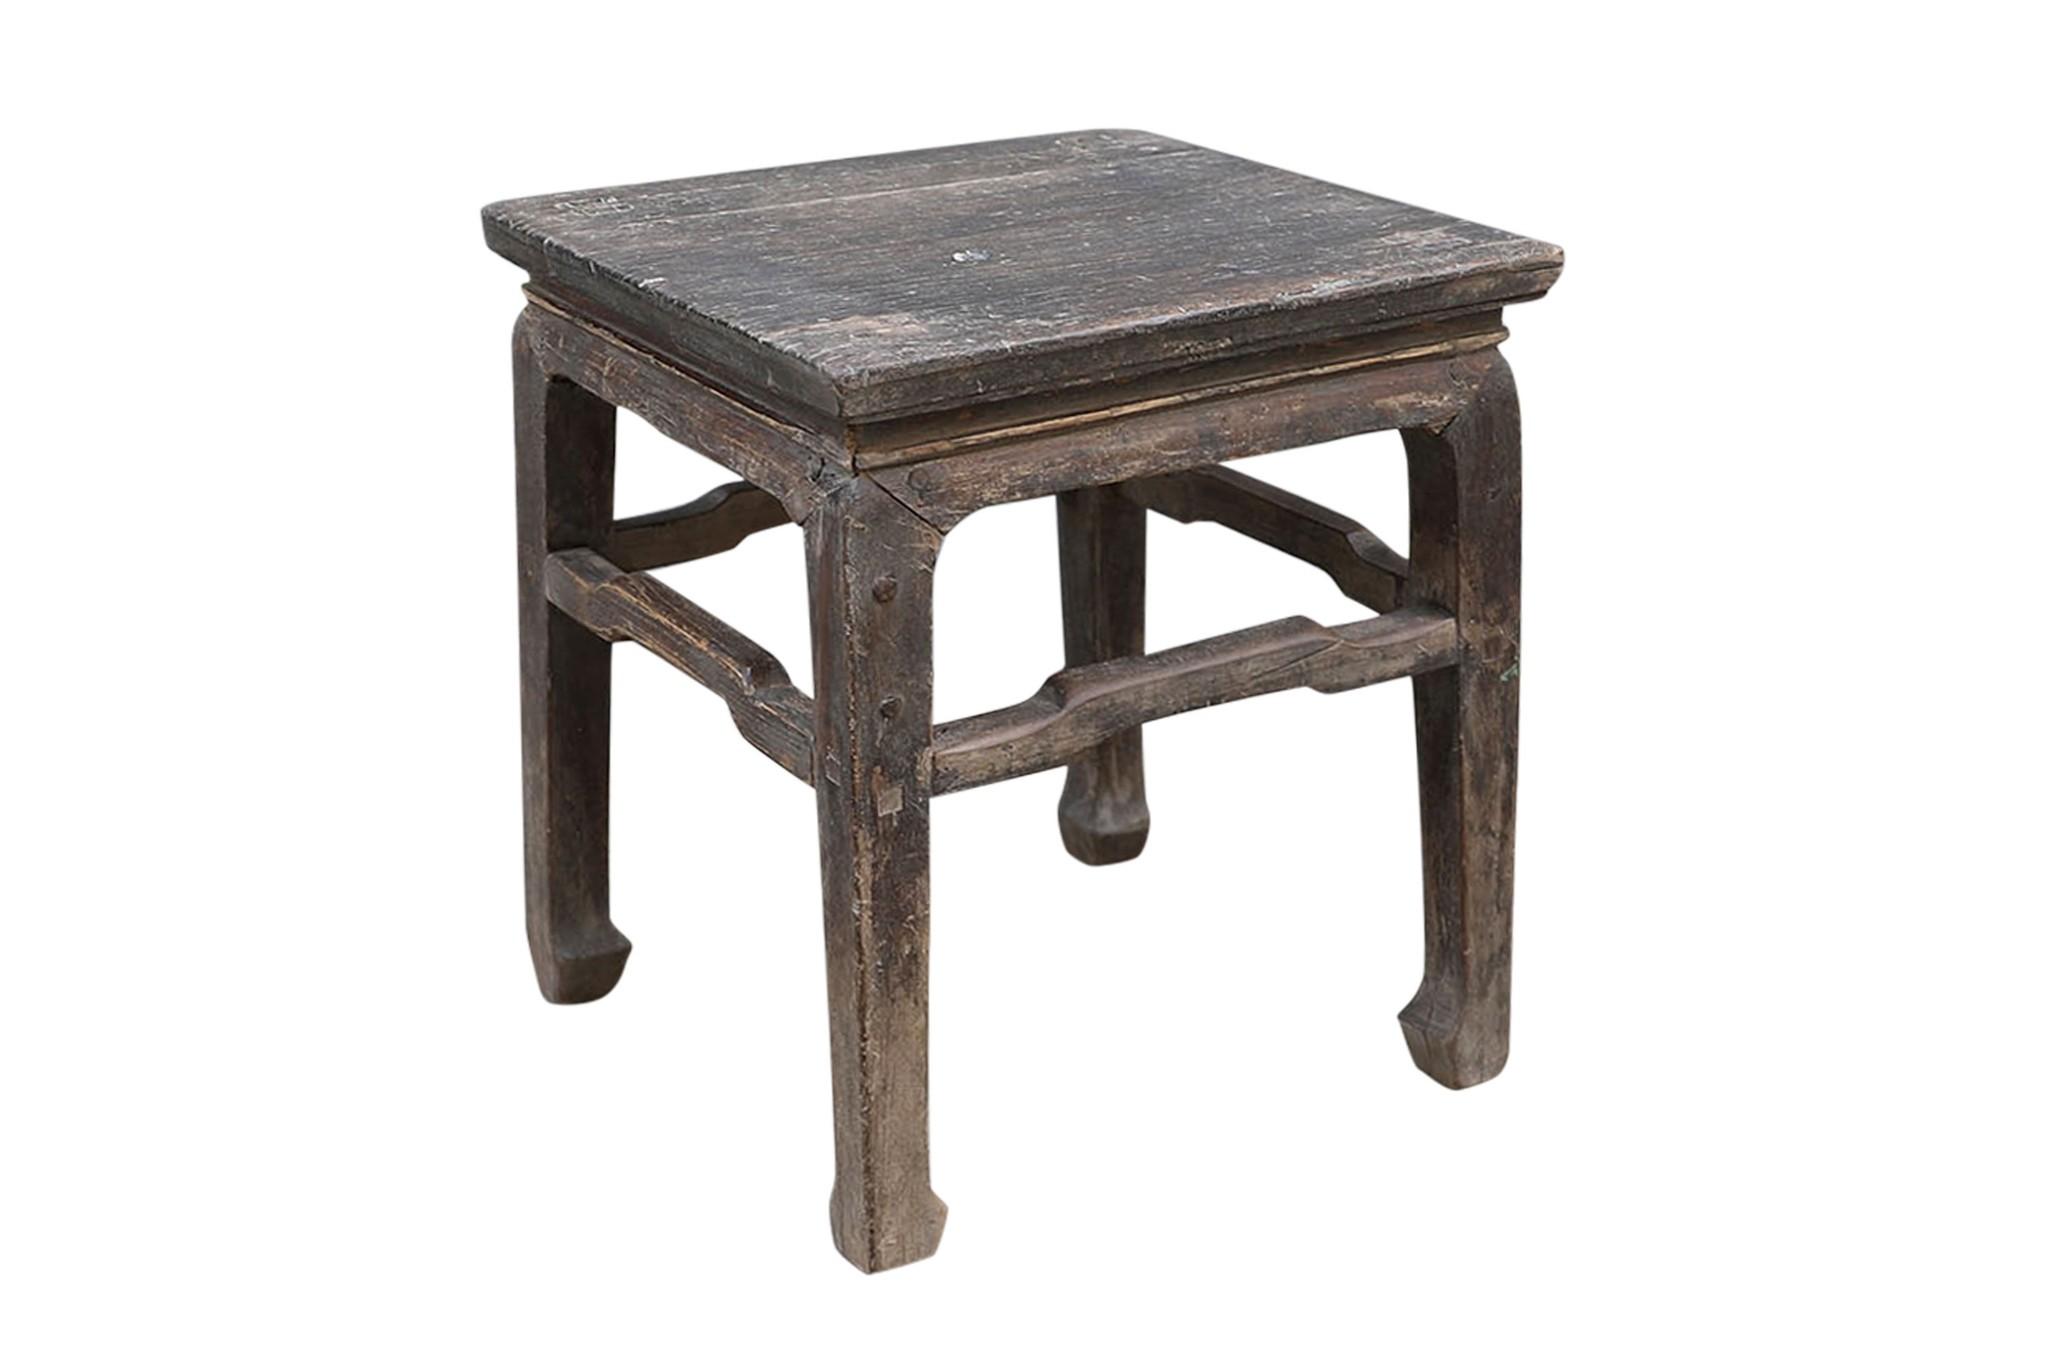 Petite Lily Interiors Vintage side table - raw elm wood - 43x43xh50cm - unique item